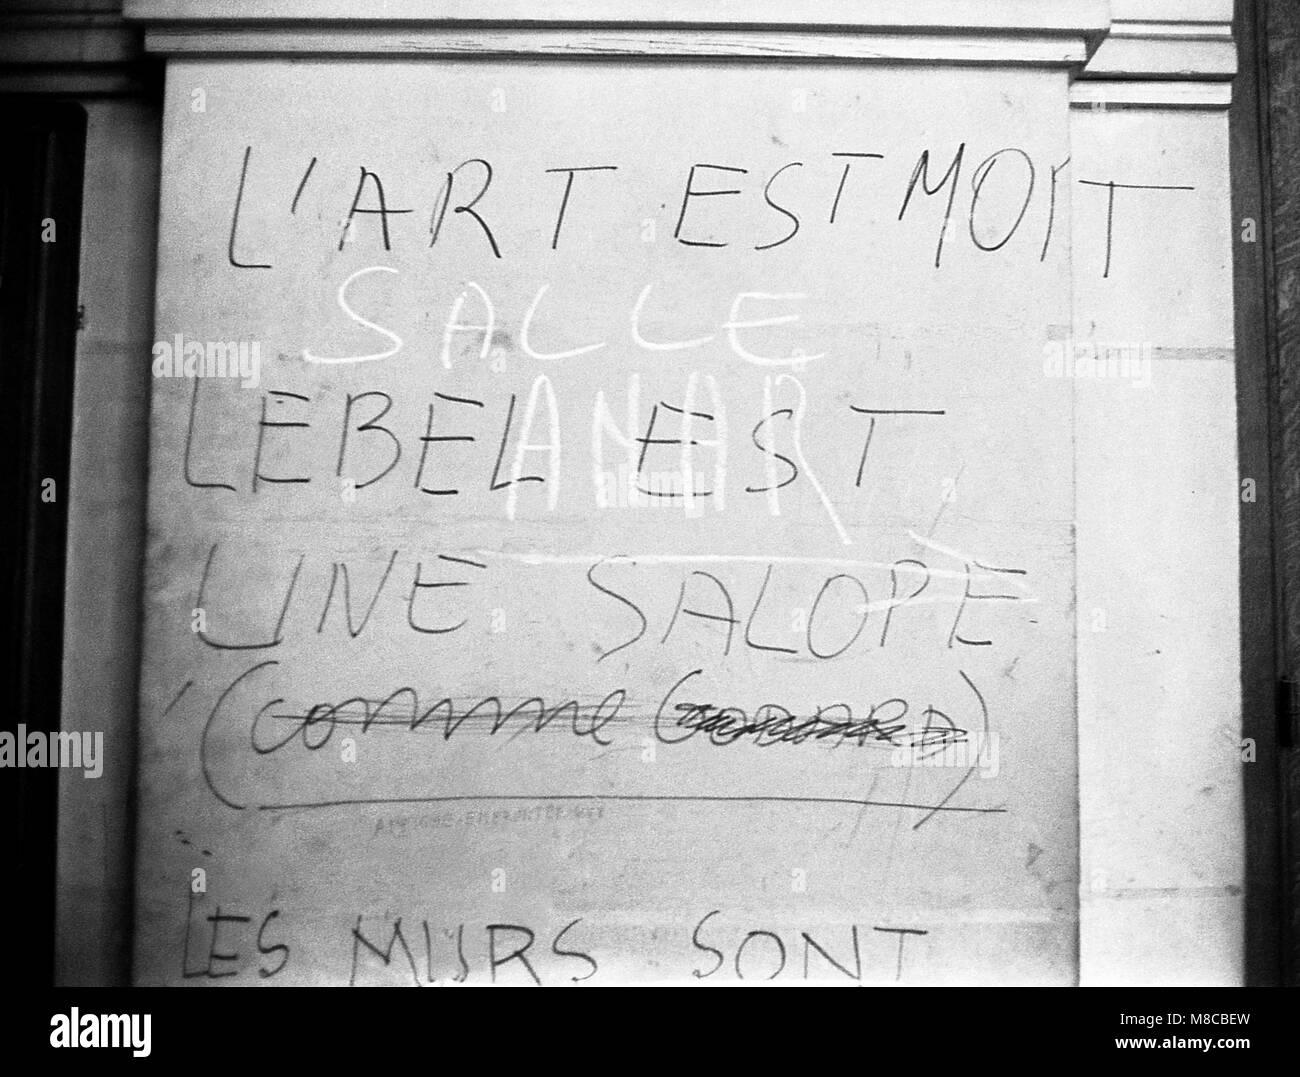 Philippe Gras / Le Pictorium -  May 1968 -  1968  -  France / Ile-de-France (region) / Paris  -  Slogan - Stock Image